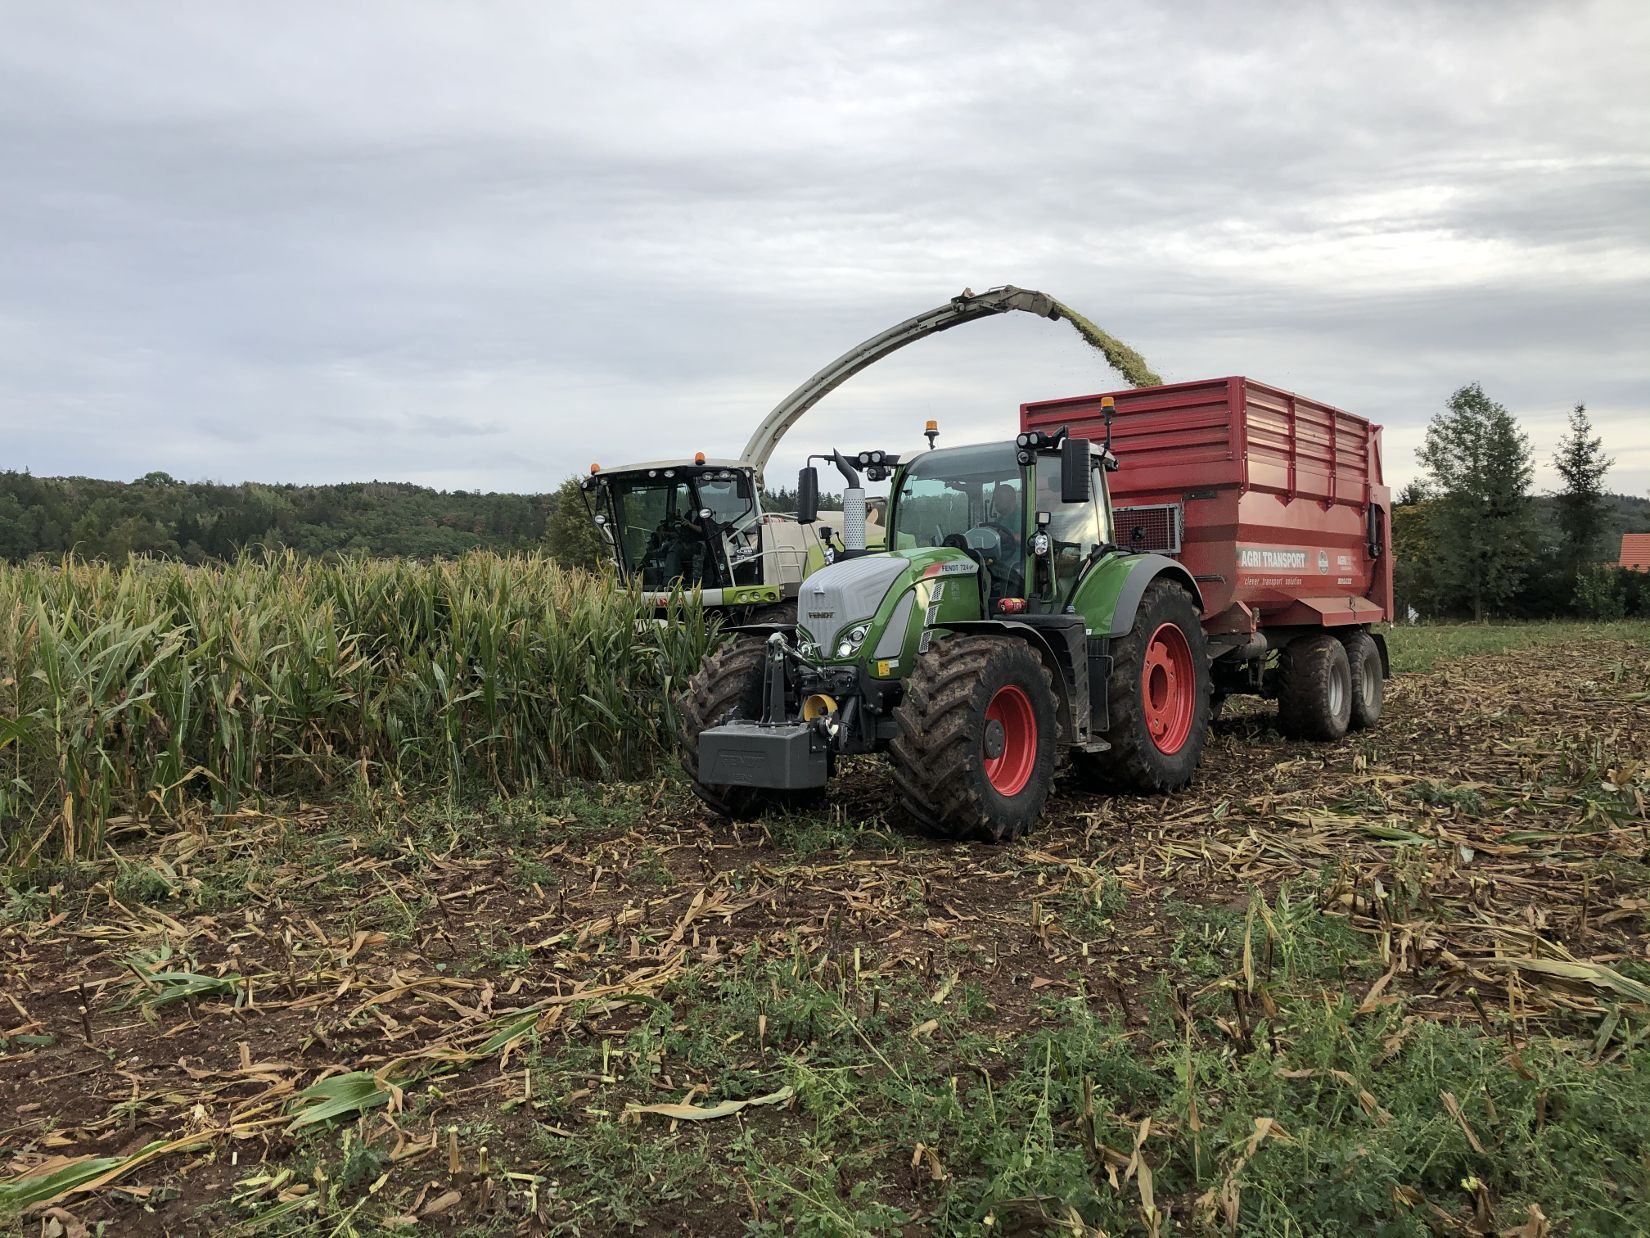 Zemědělské služby pro Kladno, Velká dobrá a okolí zemědělec Jiří Hašek 9